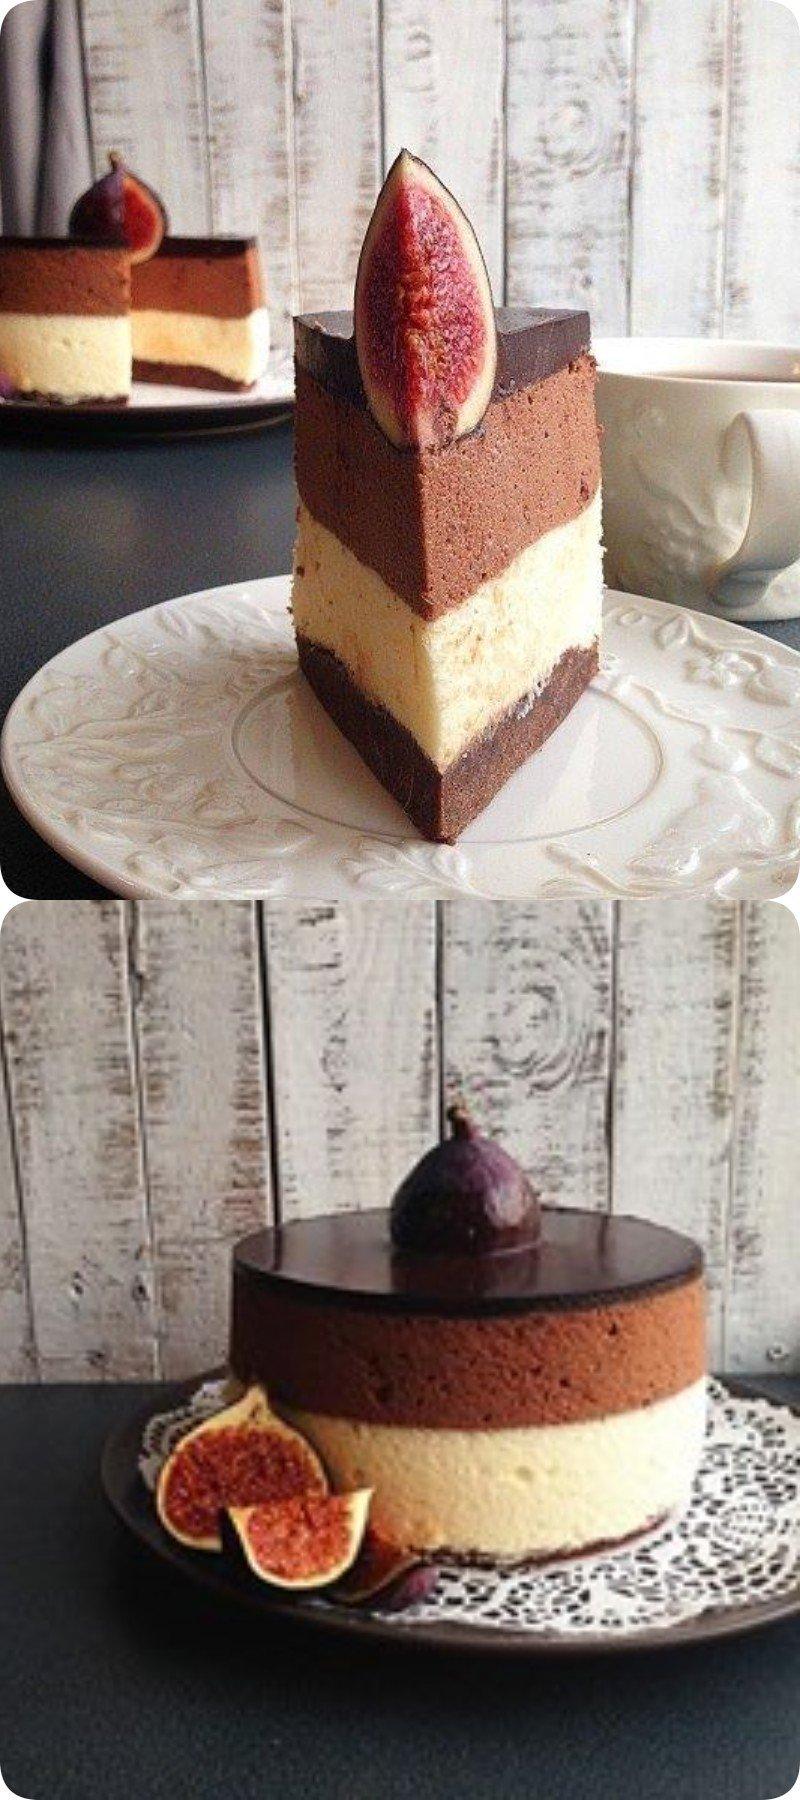 Сливочно-шоколадный торт с нежнейшим сливочным муссом. НЯМ НЯМ!